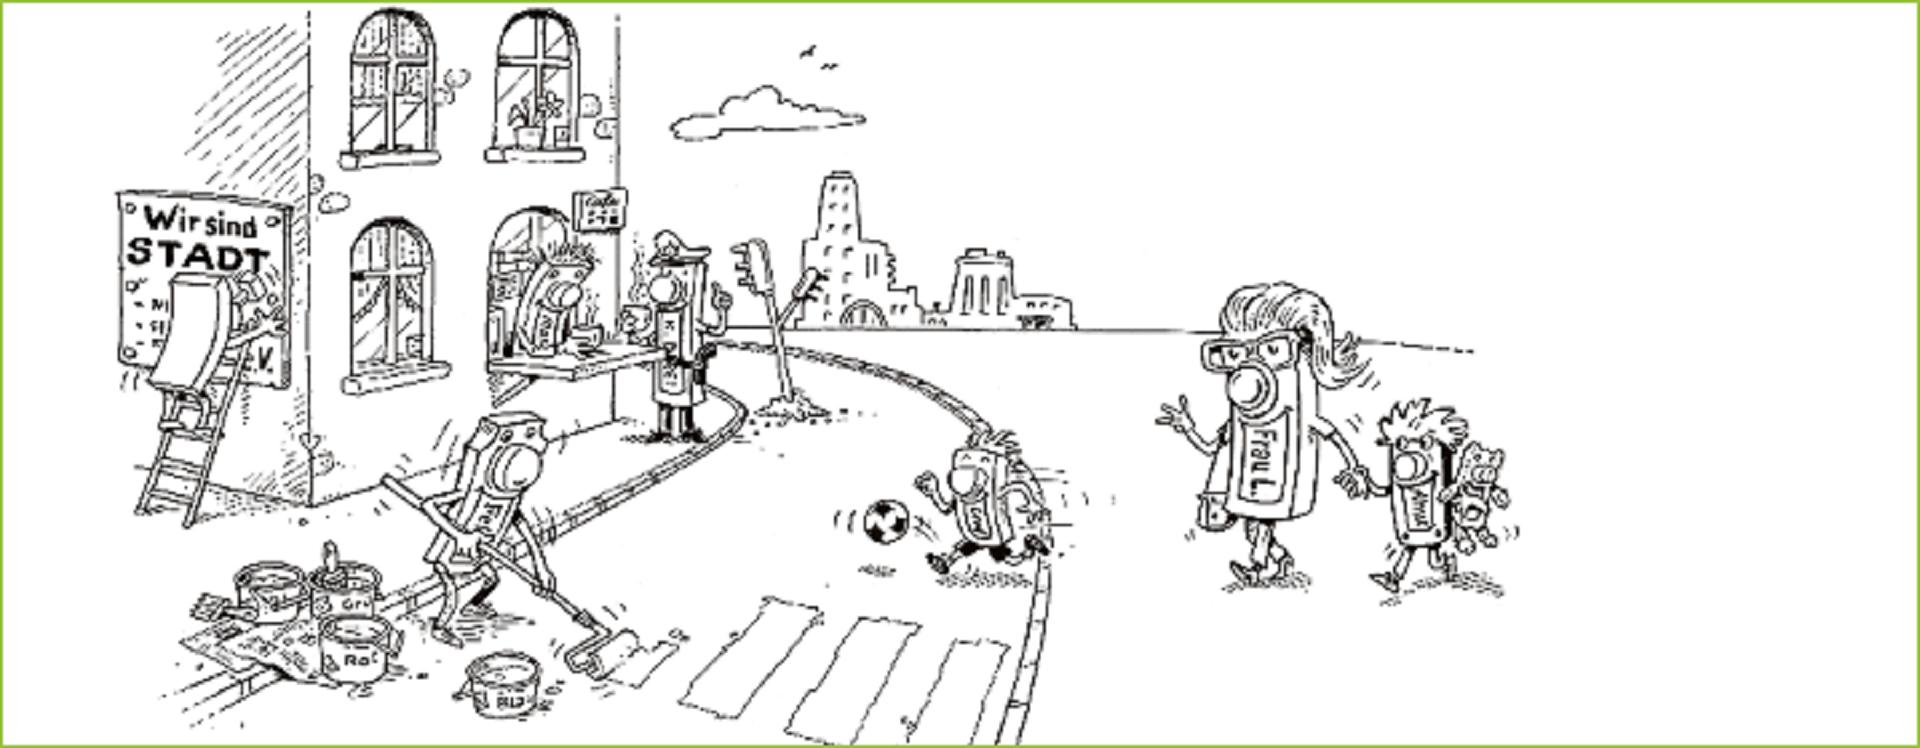 Projekte machen - Urheber: Fred Fuchs; Copyright: Montag Stiftung Urbane Räume